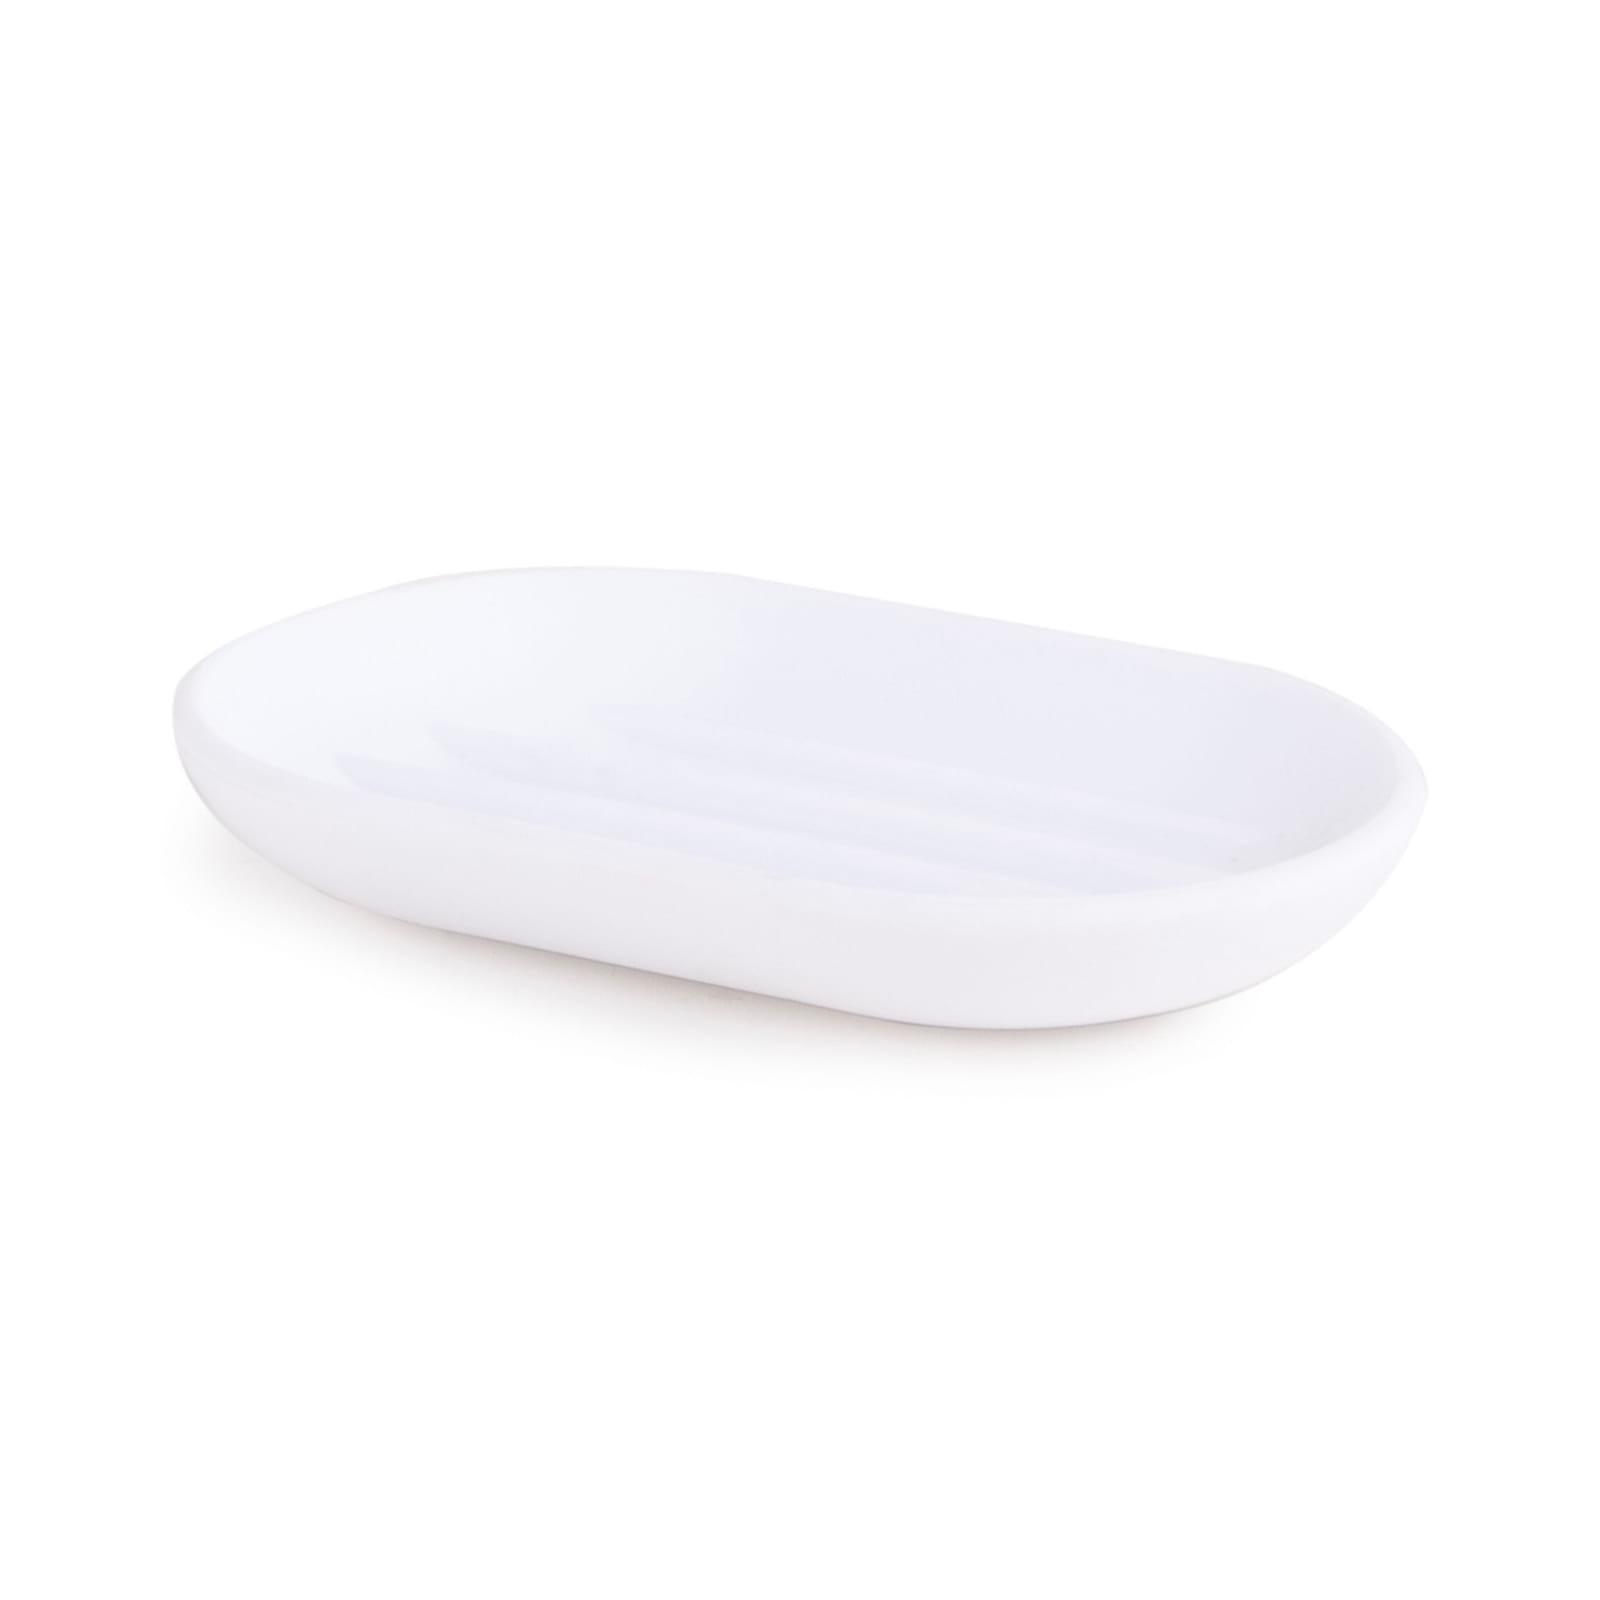 Σαπουνοθήκη Touch (Λευκή) - Umbra